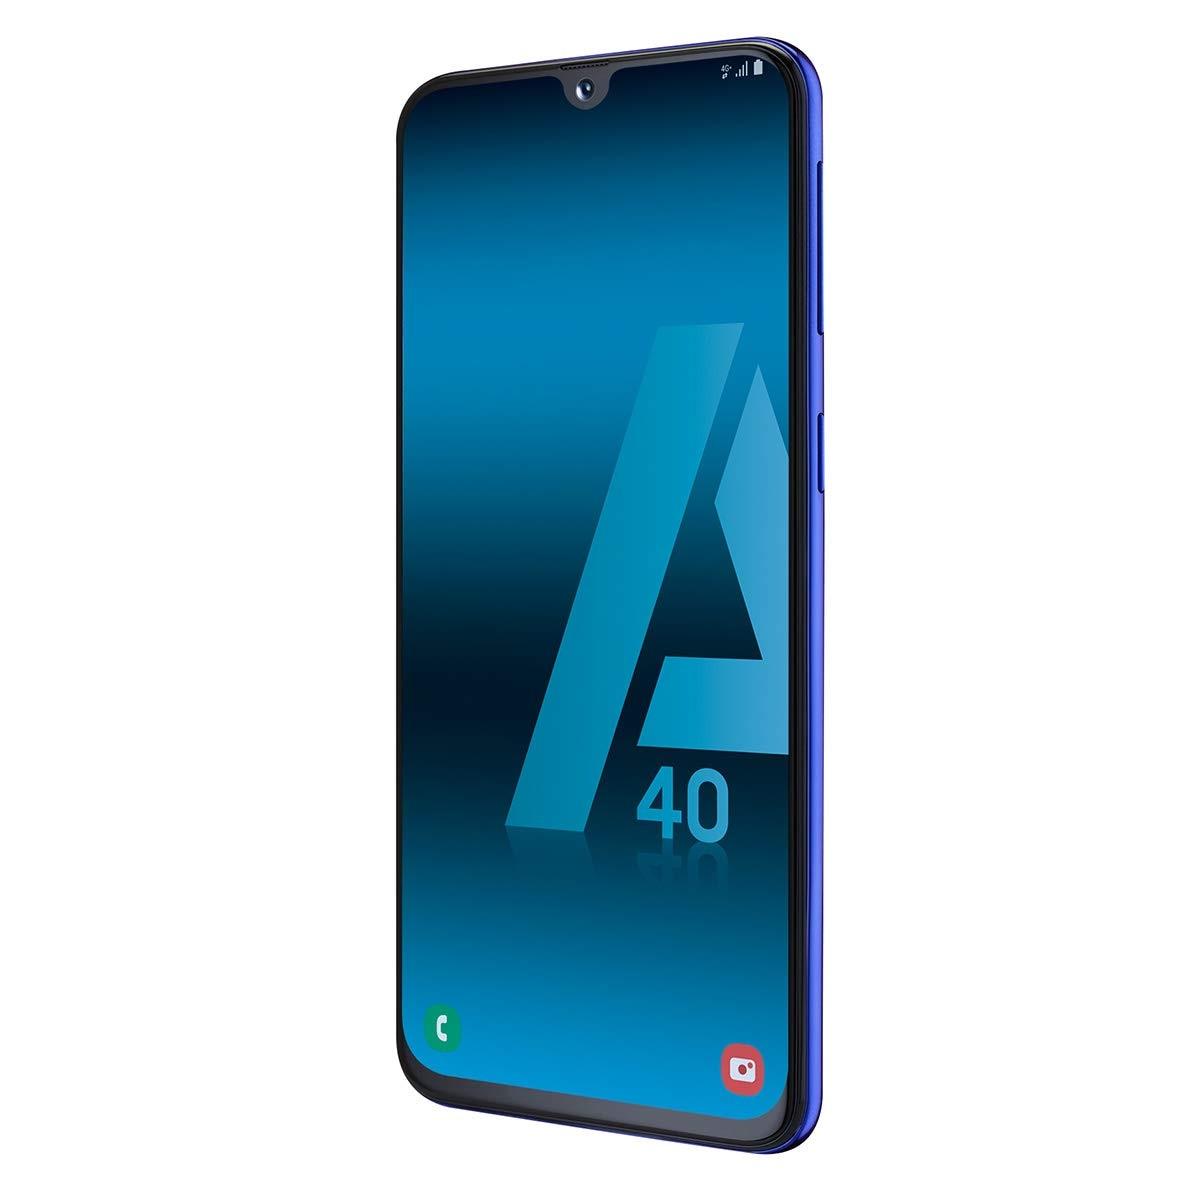 Samsung Galaxy A40, Color Blue (Blue), Dual SIM, Internal 6 4GB De Memoria, 4GB Ram, Screen 5.9